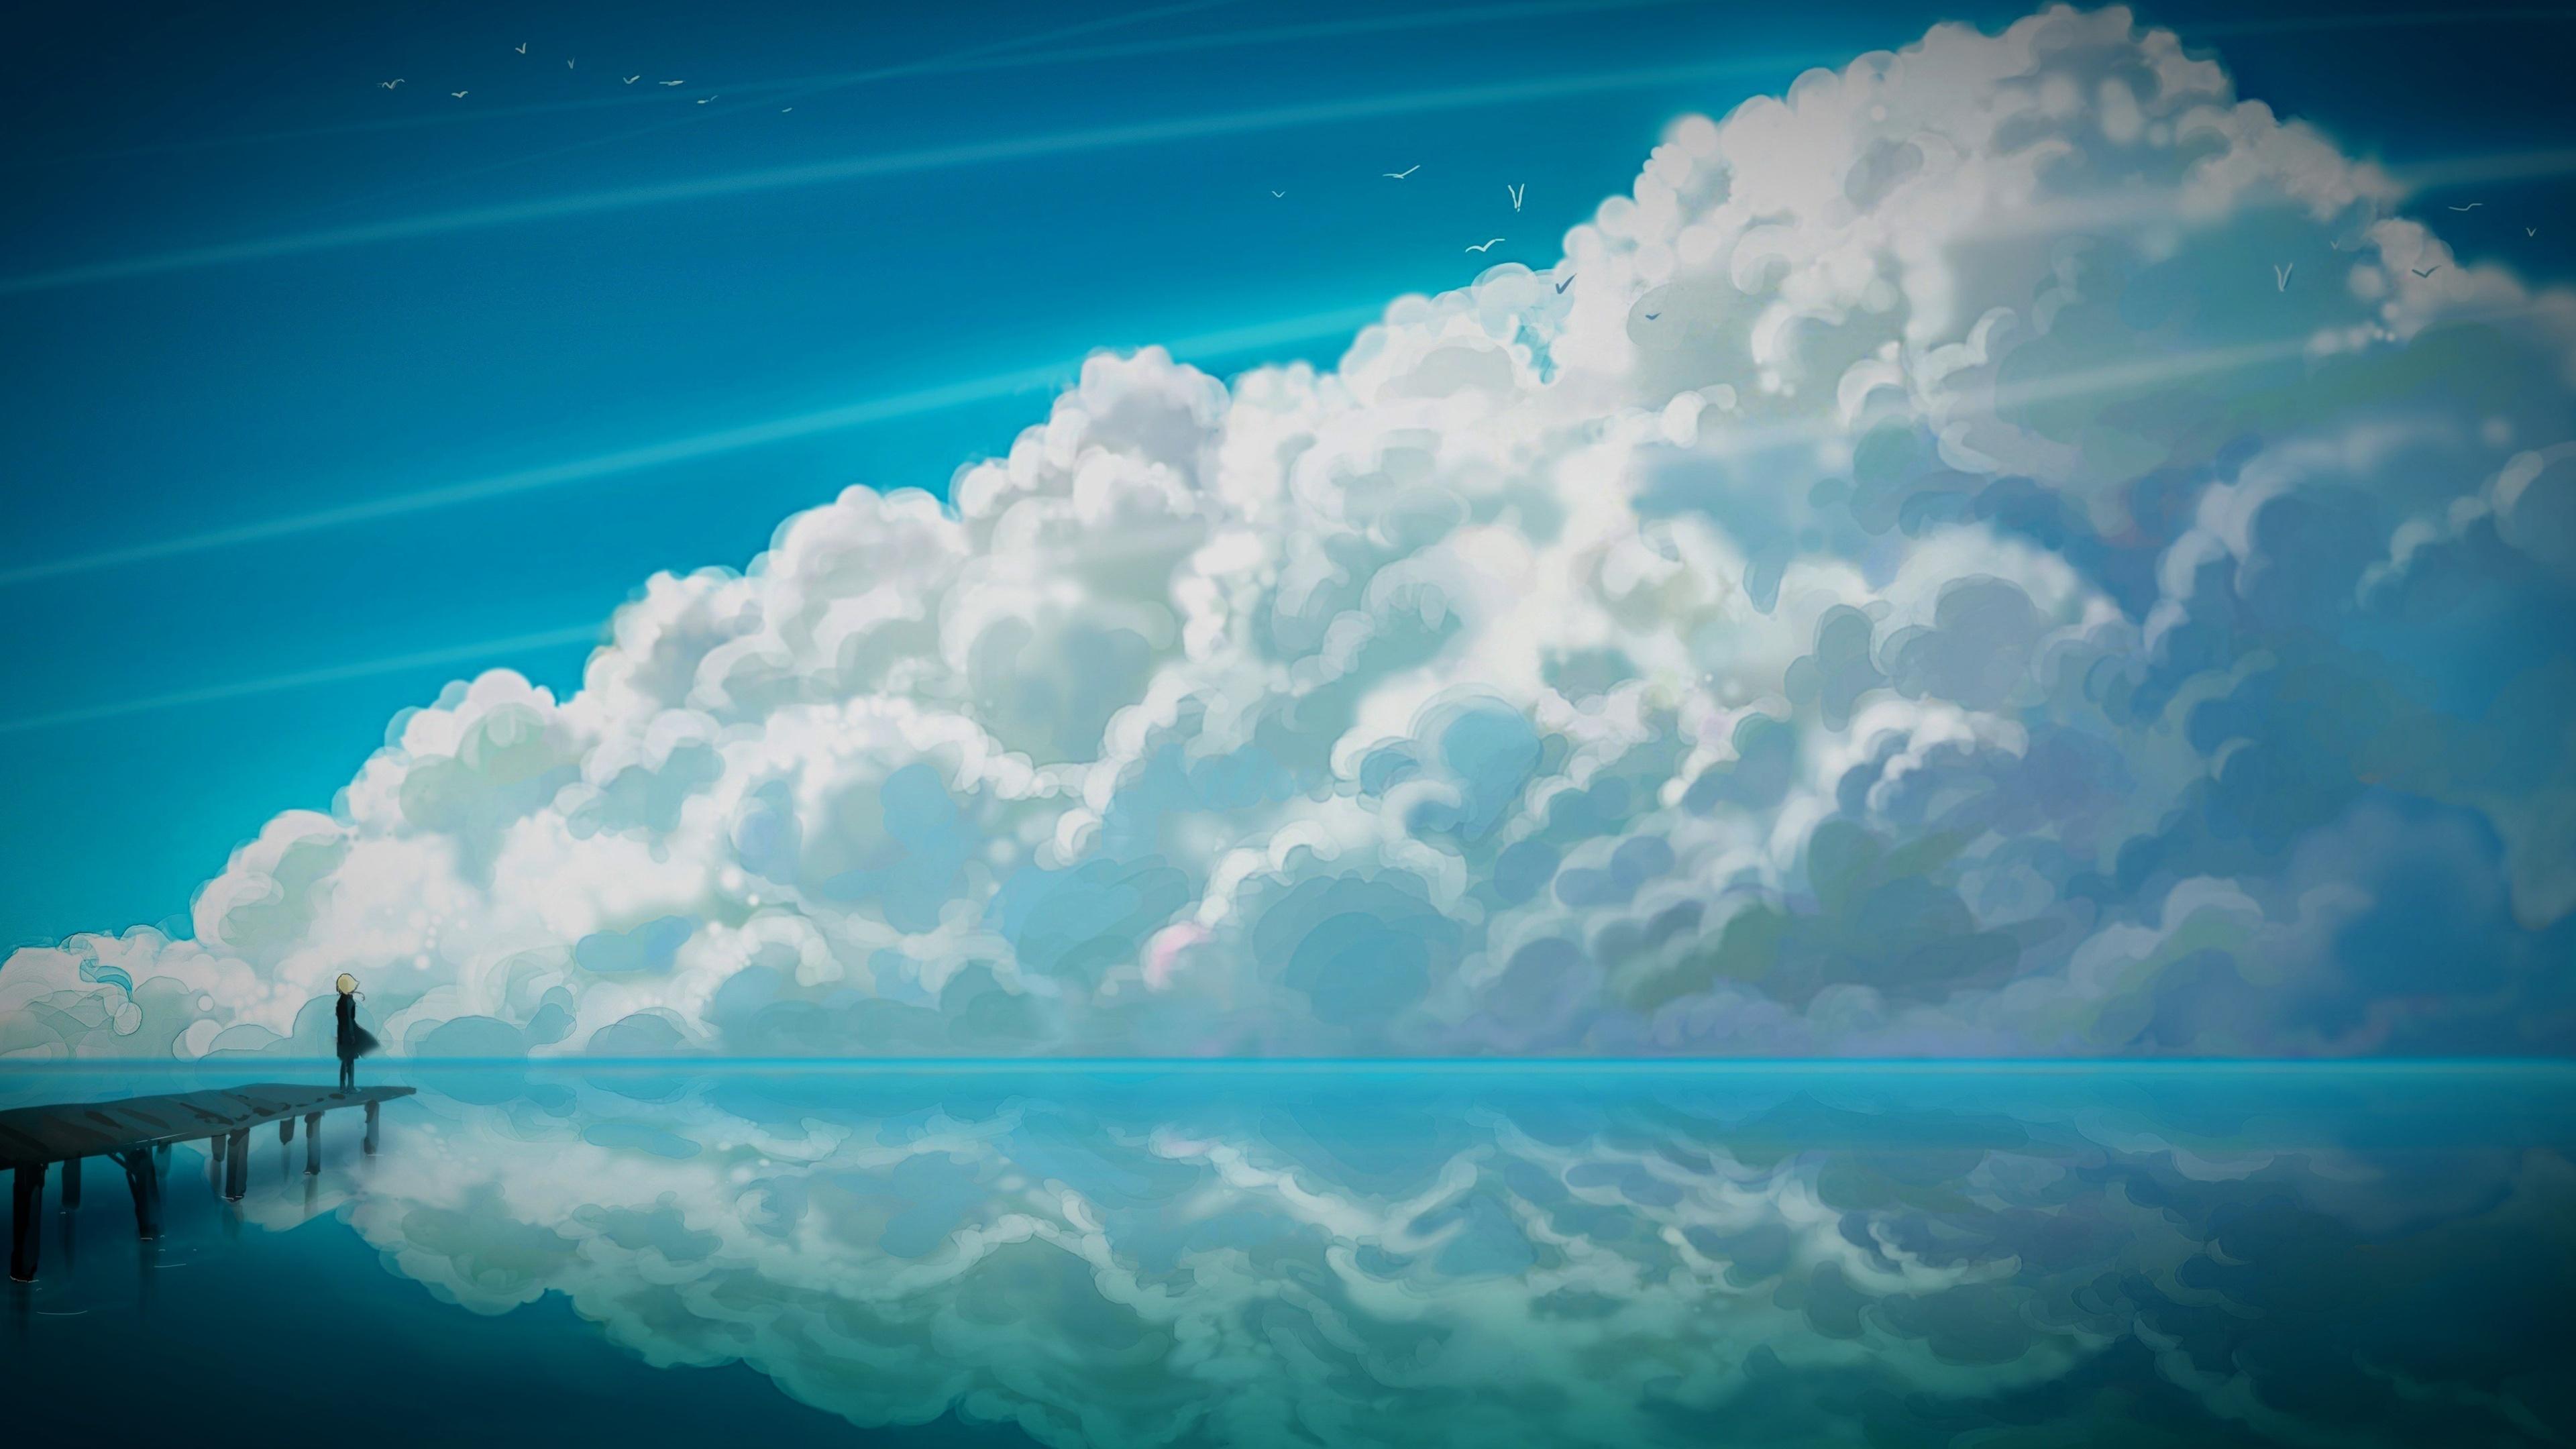 Blue Anime Sky 3840 x 2160 3840x2160